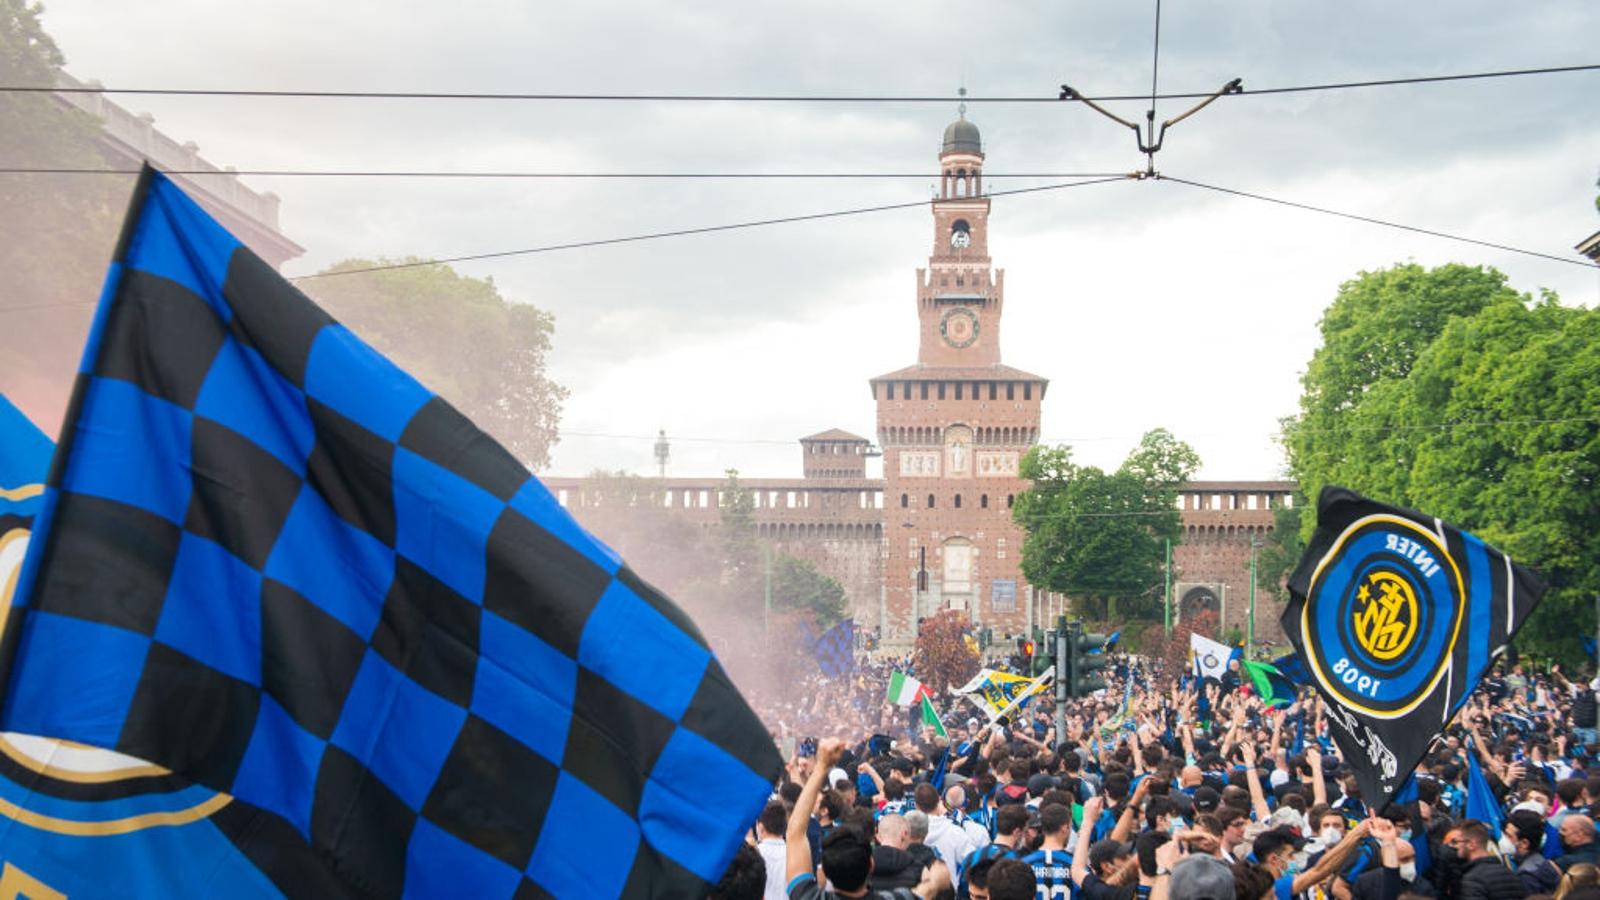 Inter campione d'Italia con 4 turni di anticipo - Calcio - Rai Sport